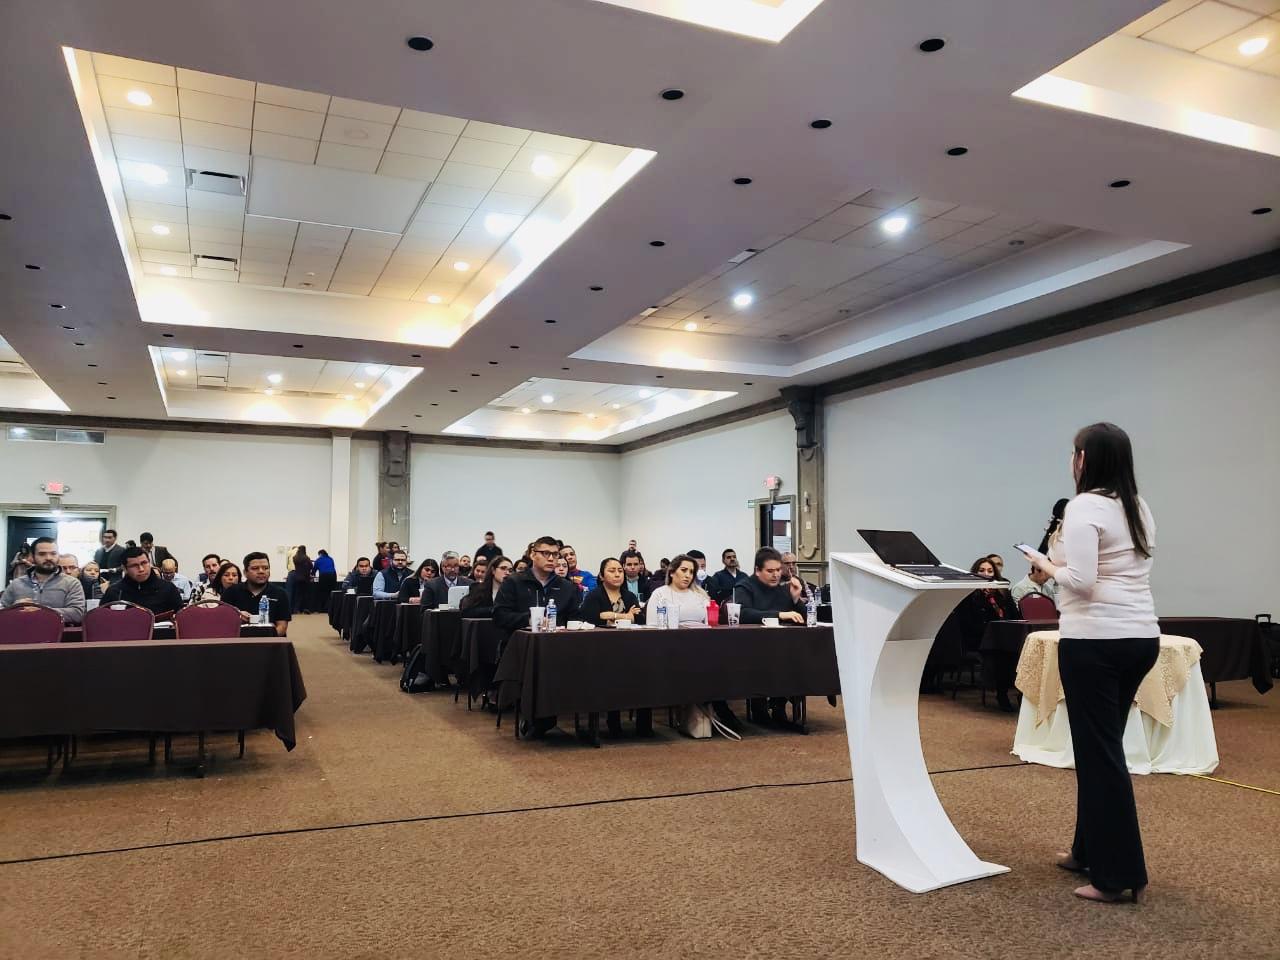 Foro Index Reynosa & VTZ (Vázquez Tercero & Zepeda)